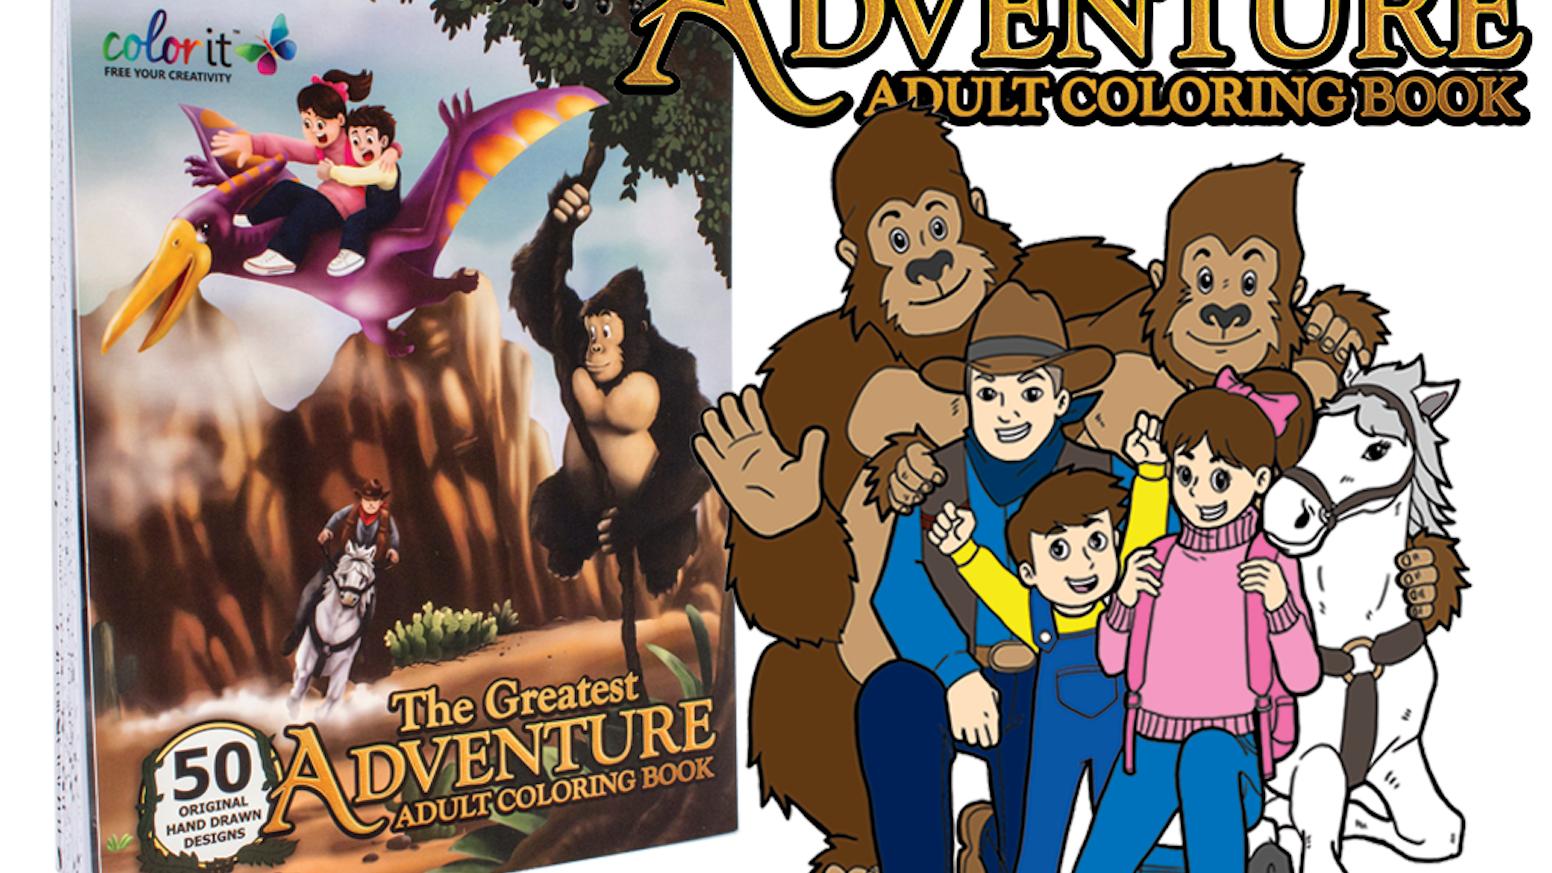 The Greatest Adventure Premium Adult Coloring Book